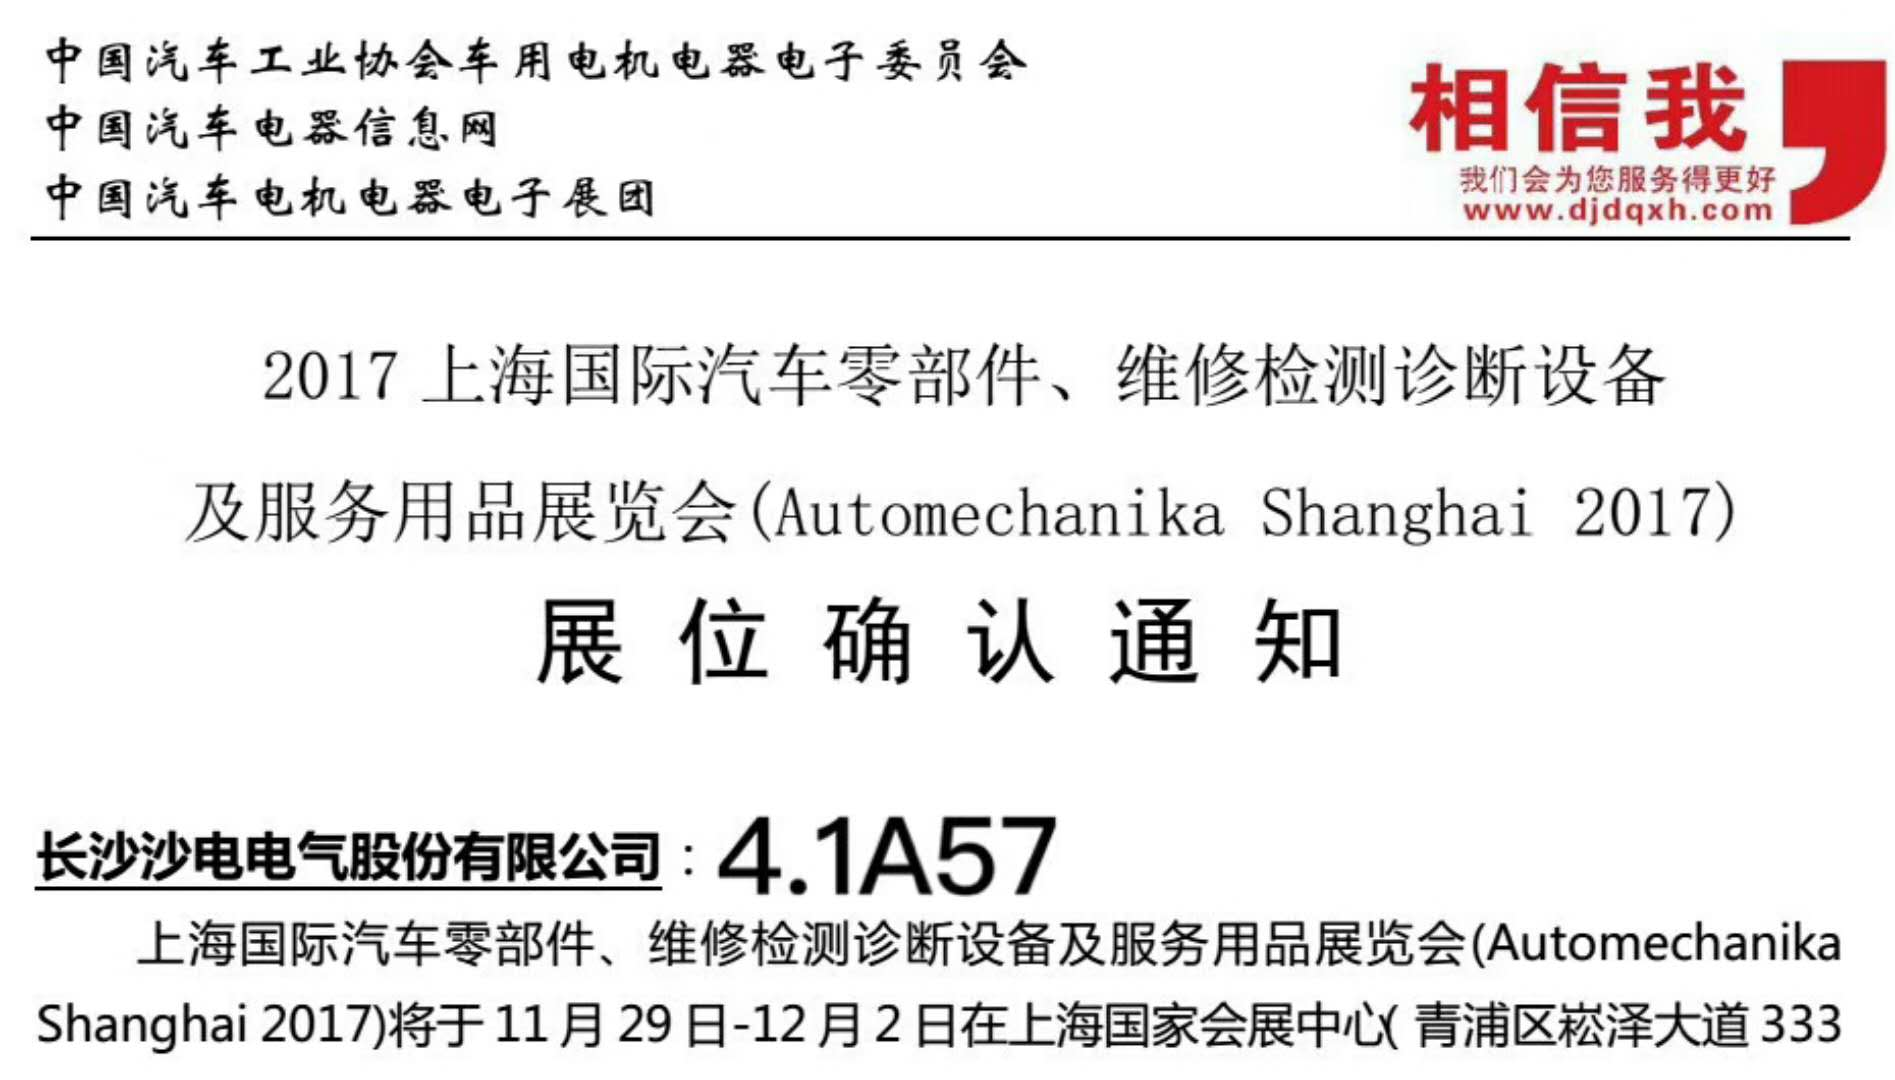 11月29日-12月2日巴黎人娱乐注册2017上海法兰克福国际汽车零配件展览会